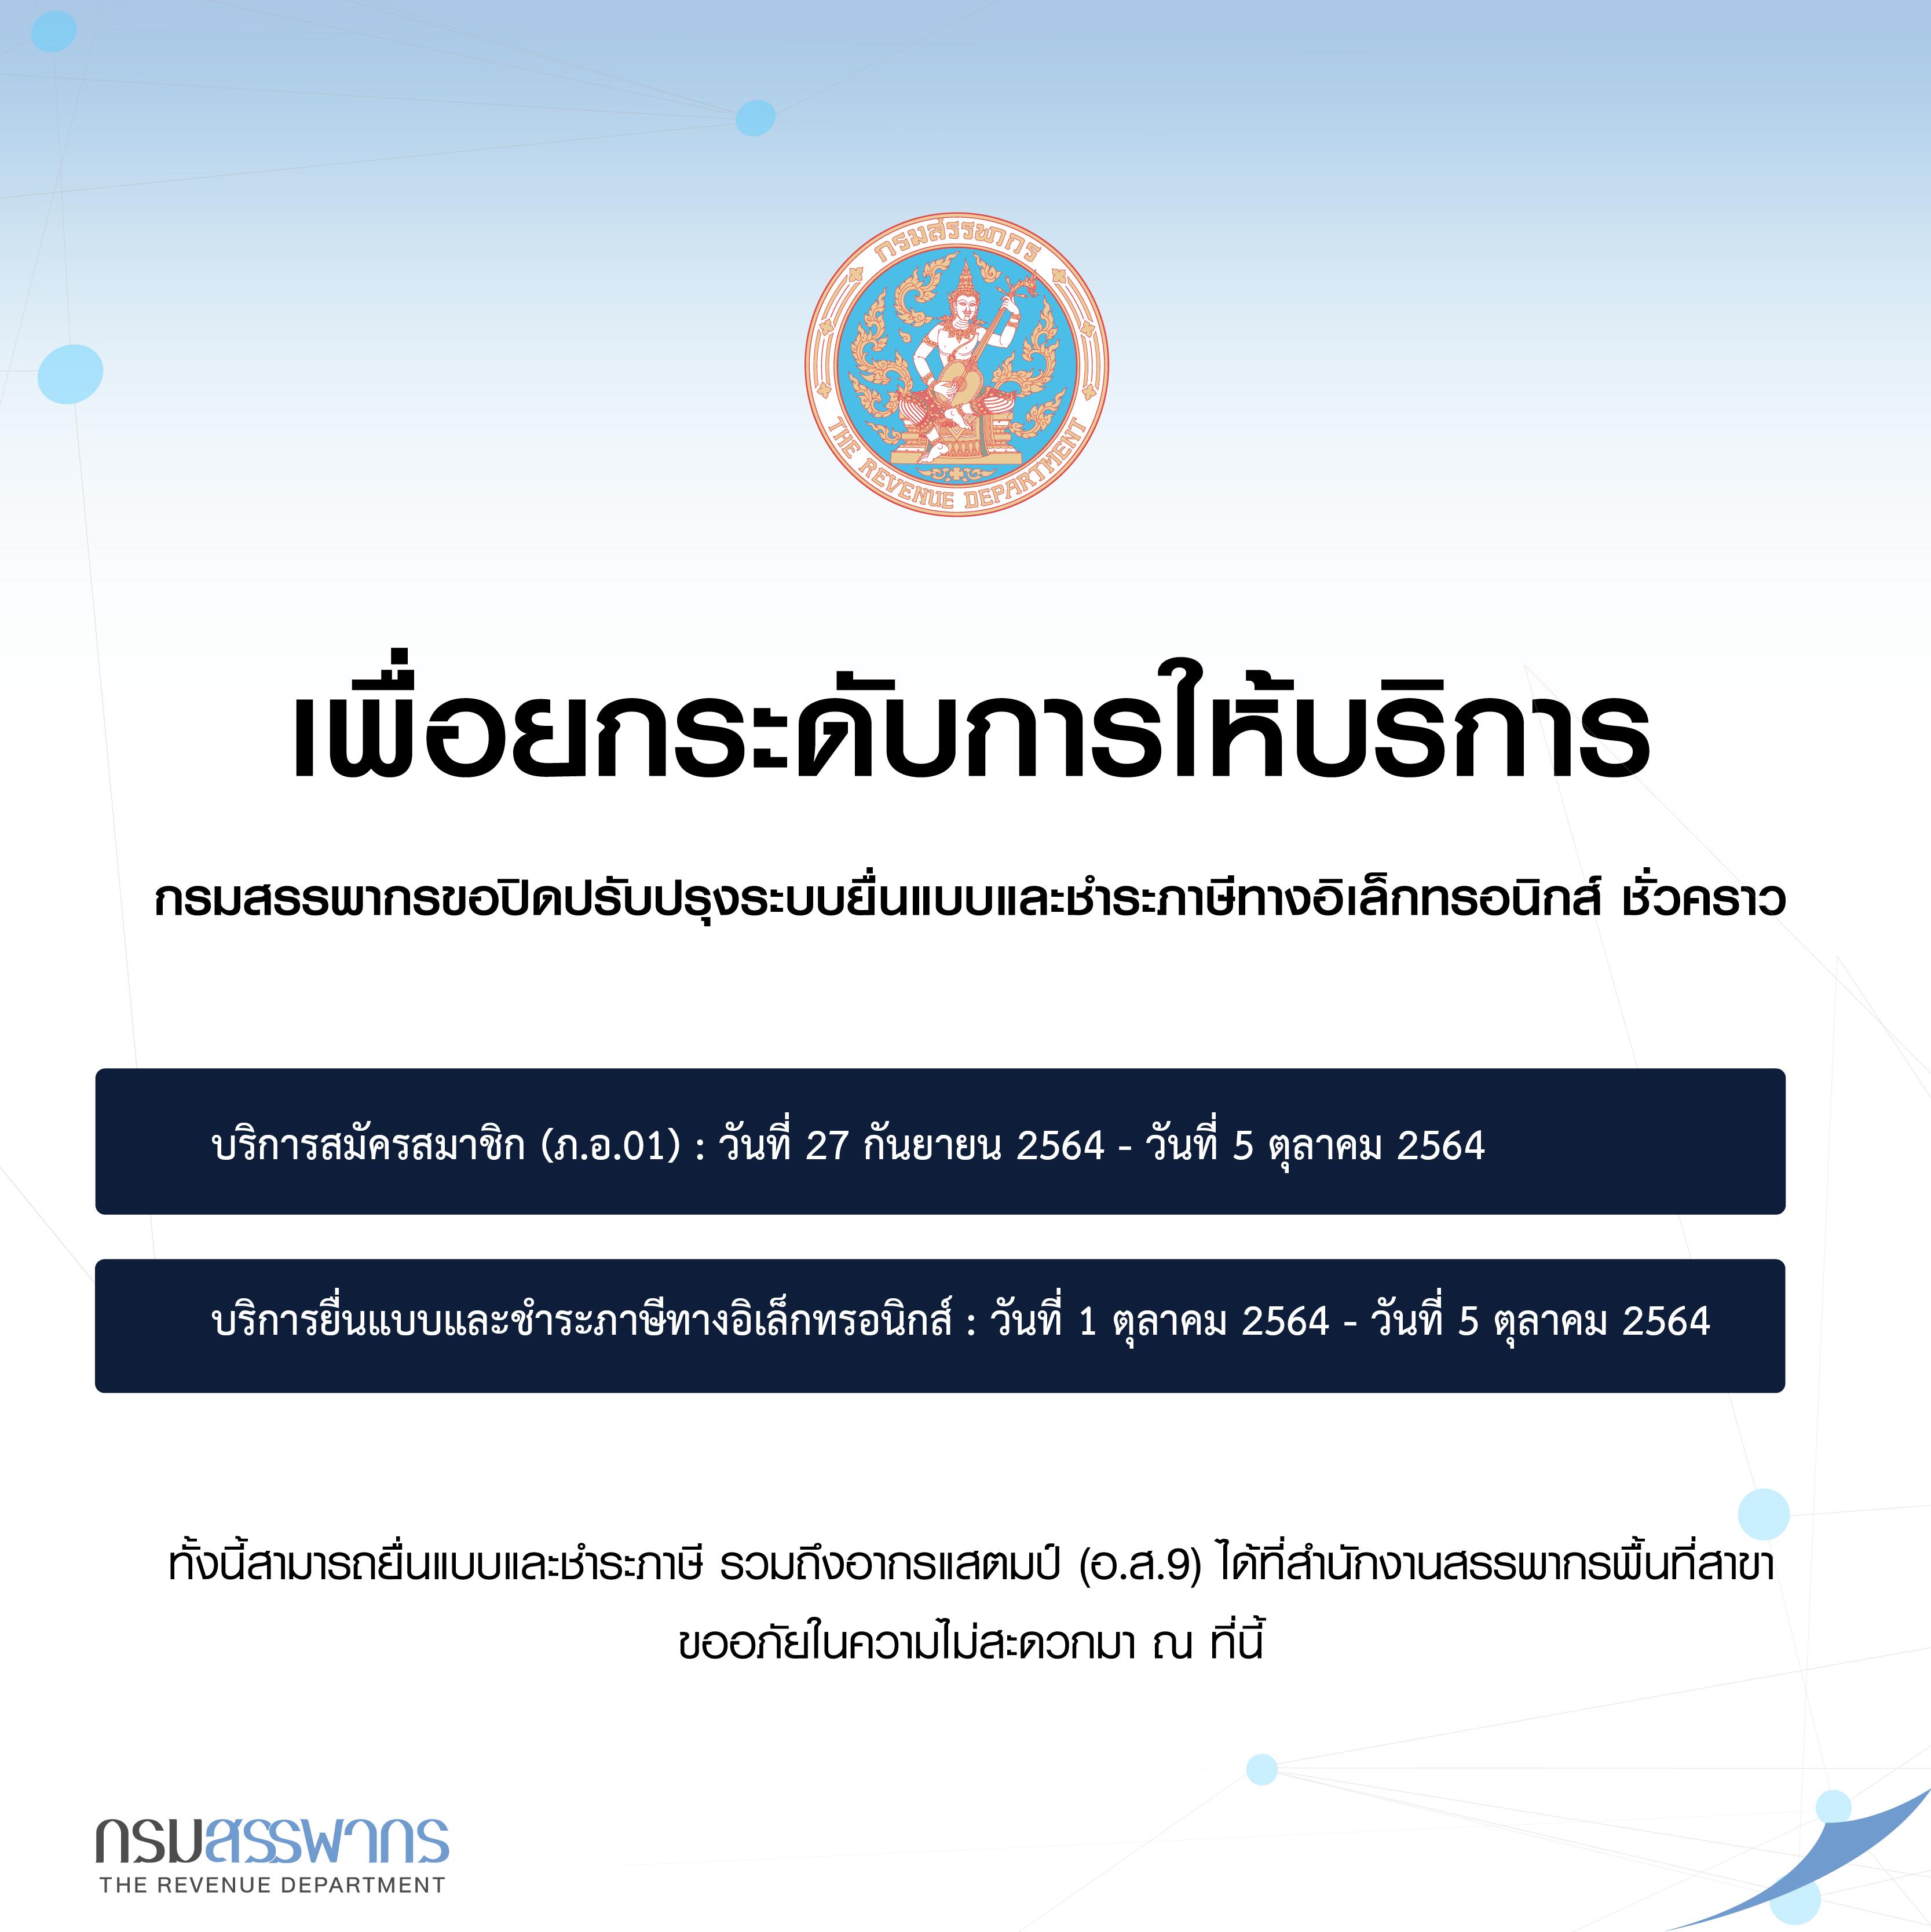 หน้าหลัก   กรมสรรพากร - The Revenue Department (rd.go.th)